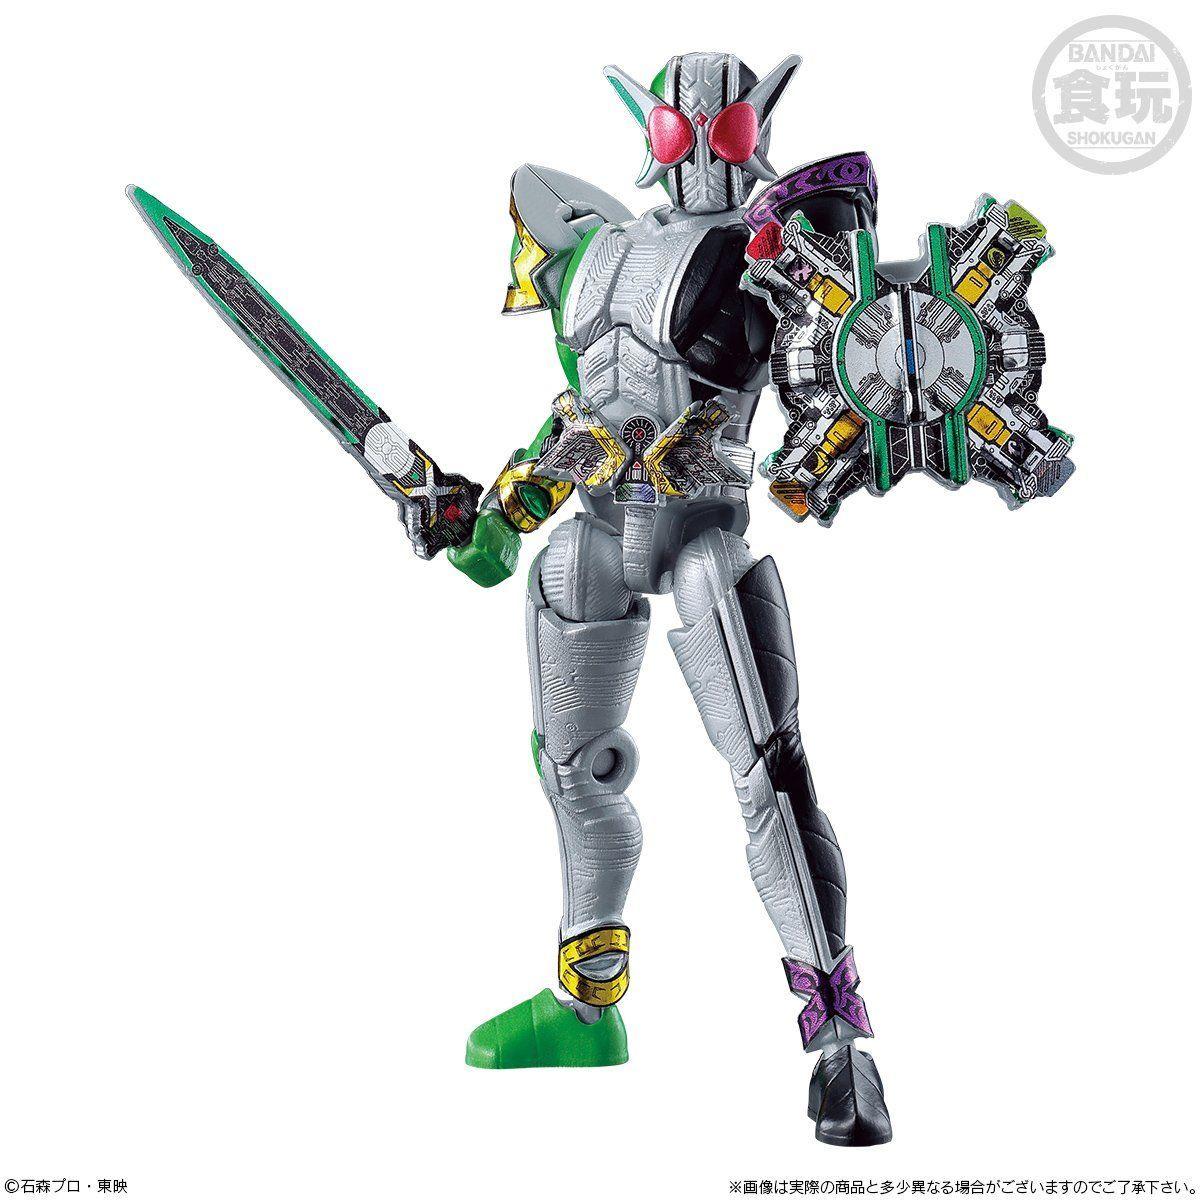 【食玩】SO-DO CHRONICLE『双動 仮面ライダーW/今、新たな輝きの中で』3体セット-002